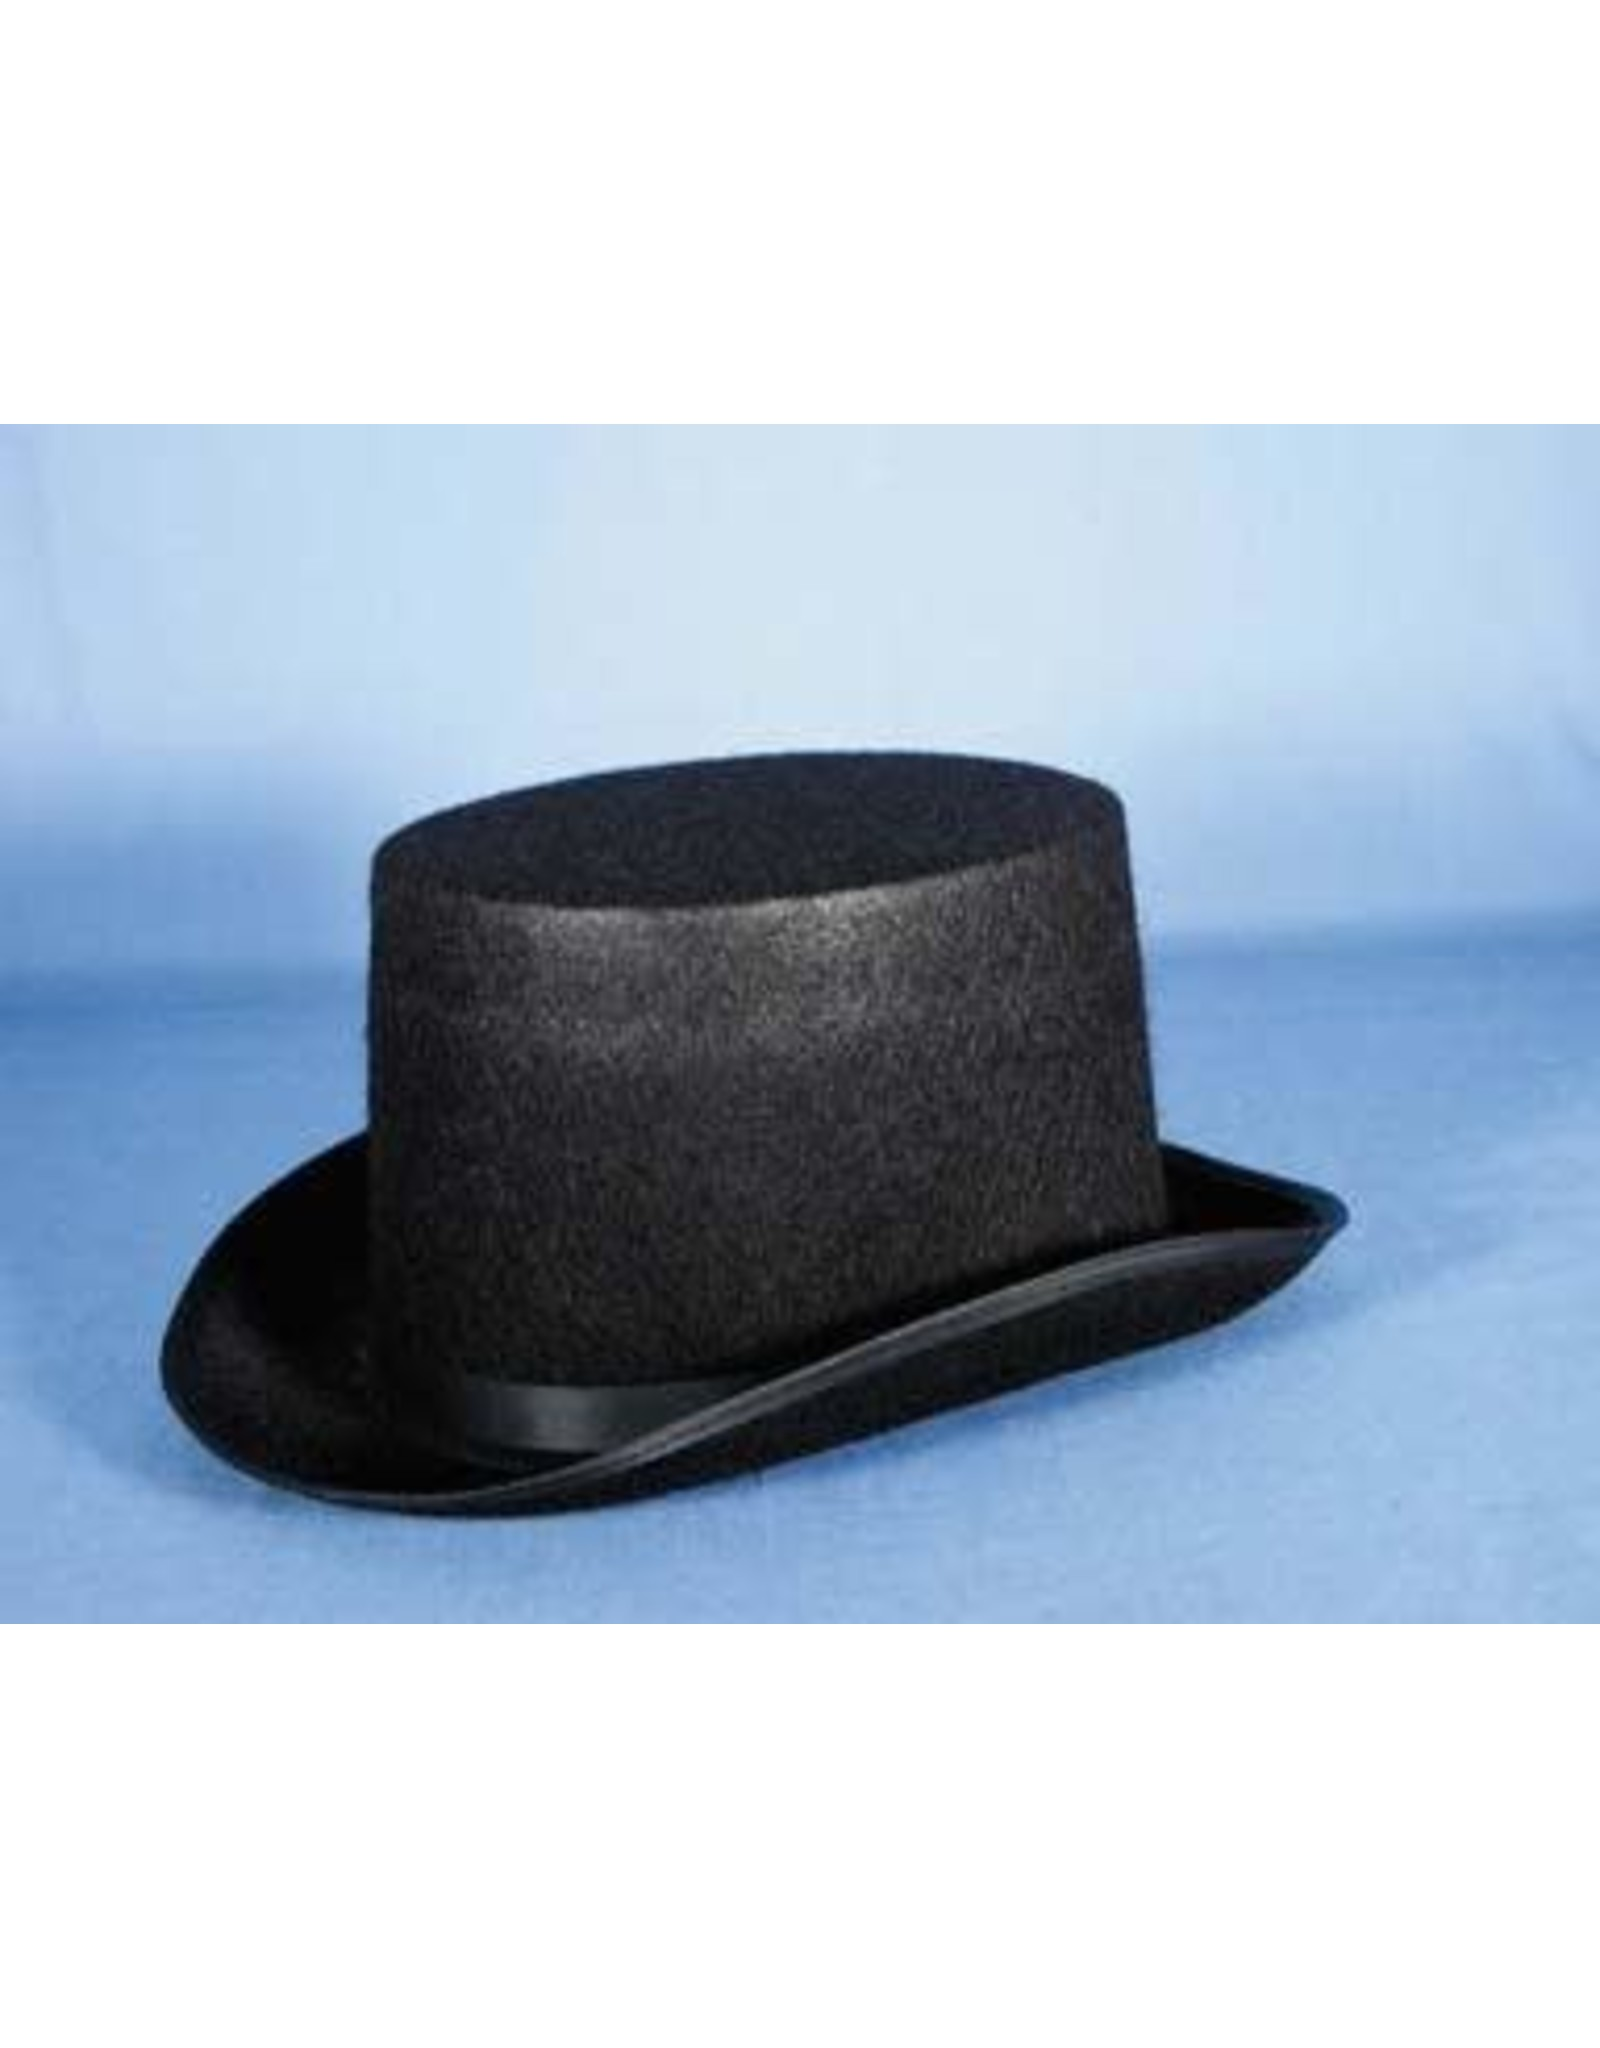 HM Smallwares Felt Top Hat